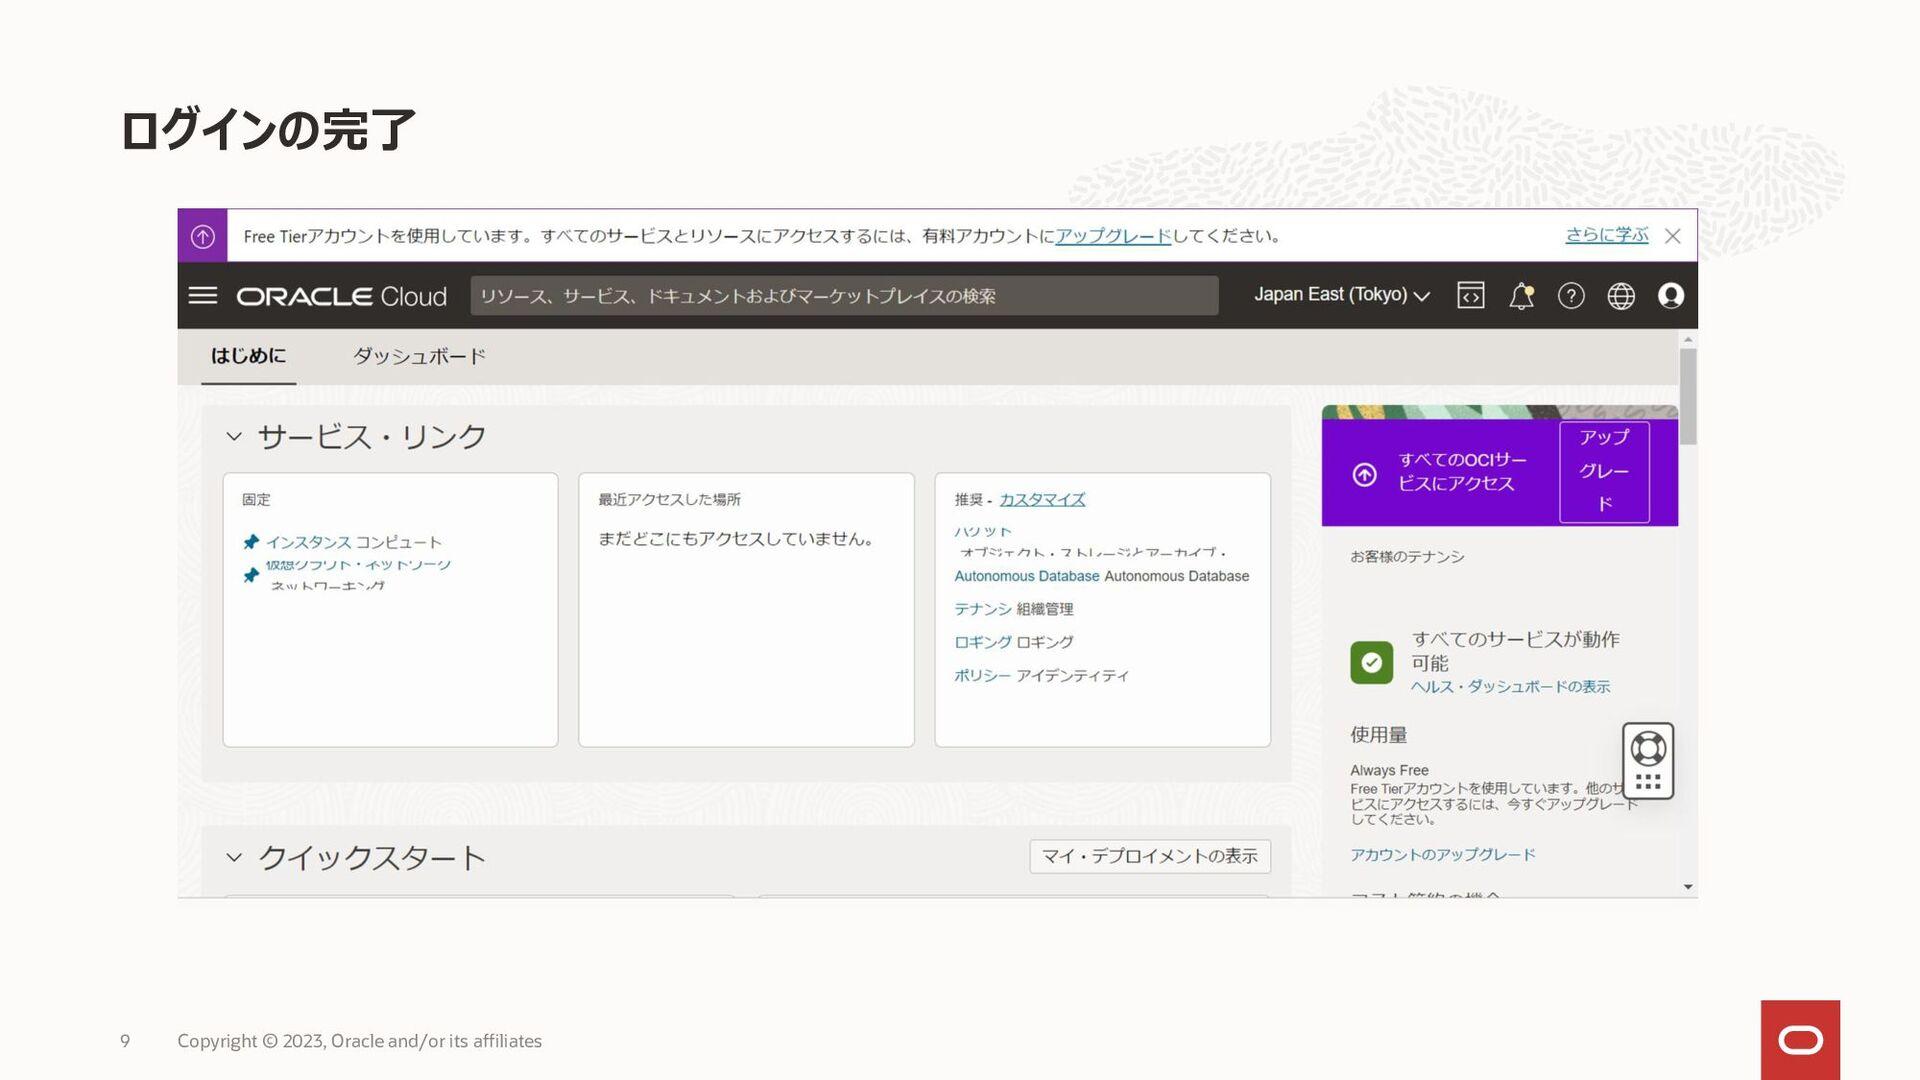 ( 翻 ) Copyright © 2020, Oracle and/or its affil...